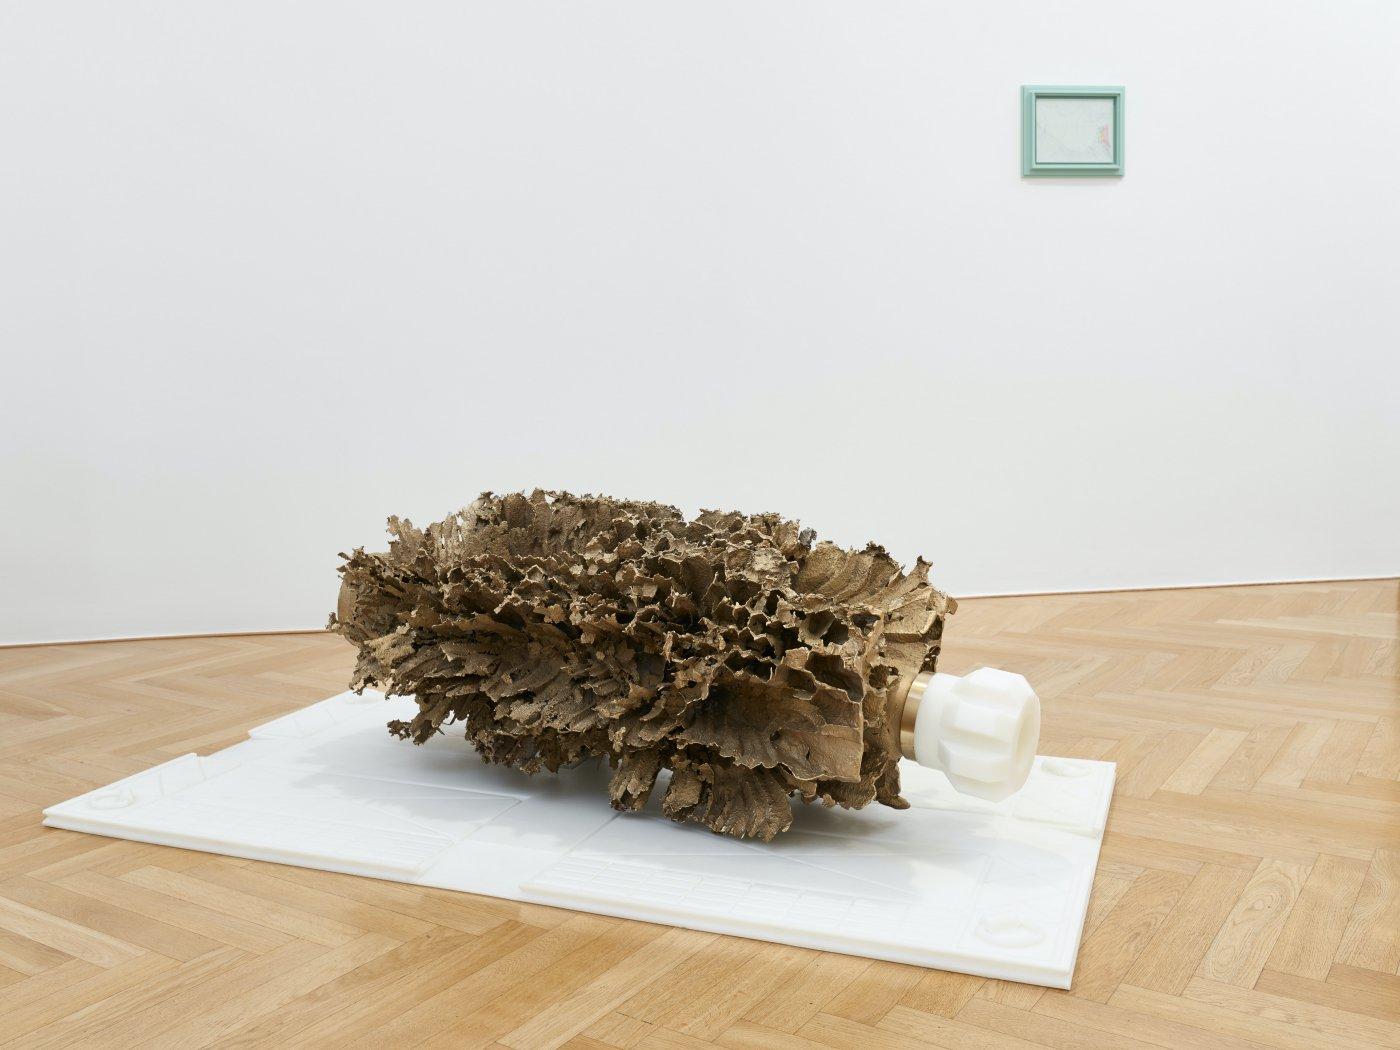 Galerie Max Hetzler Matthew Barney 3